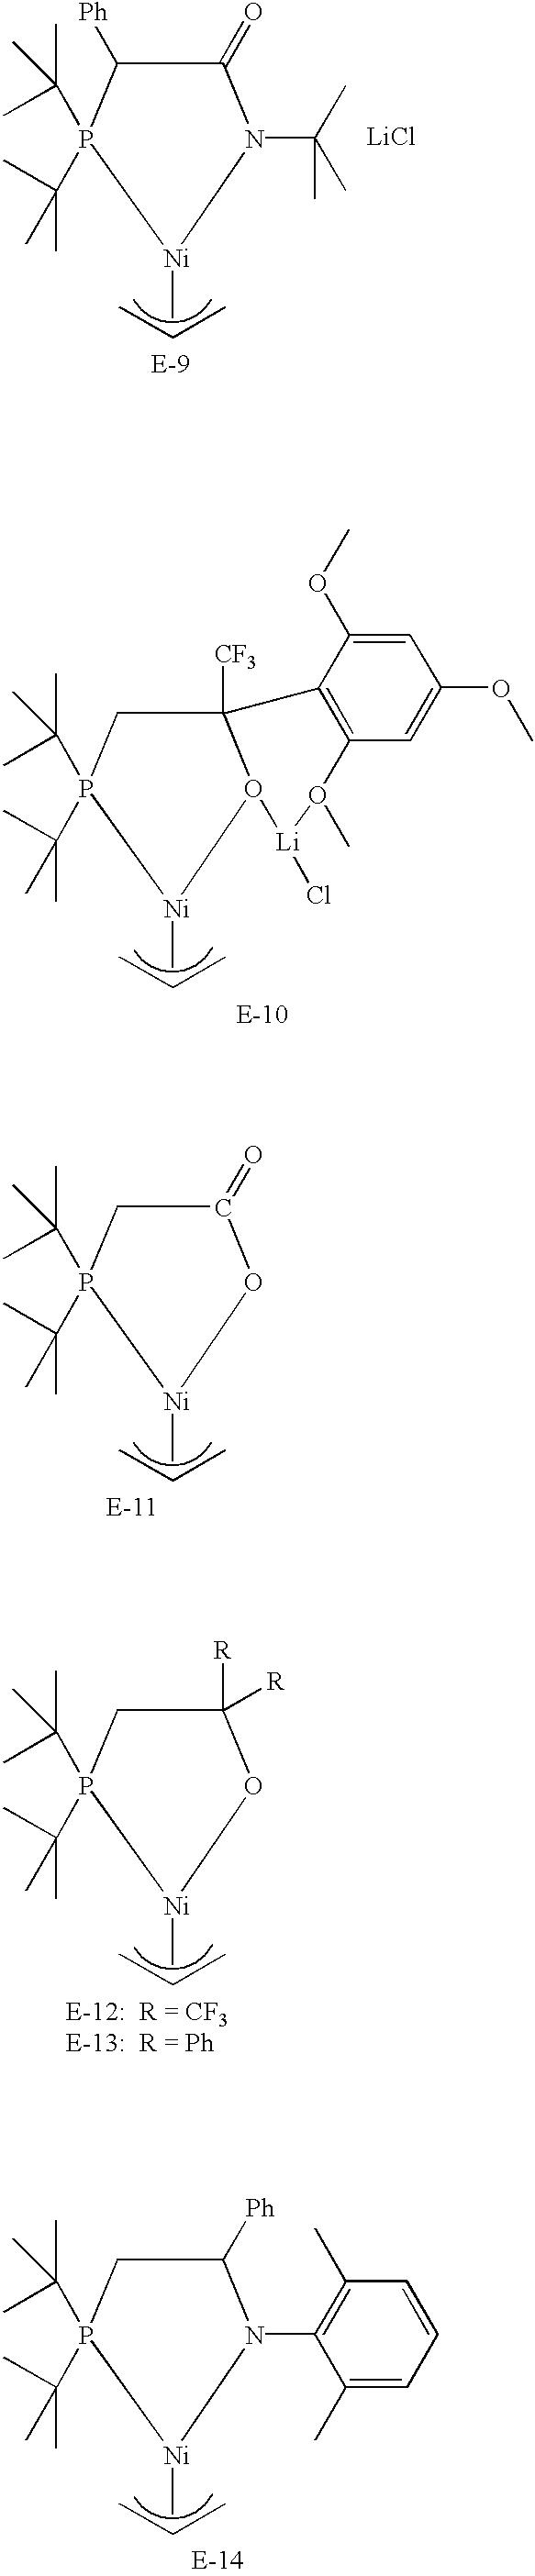 Figure US20030130452A1-20030710-C00014